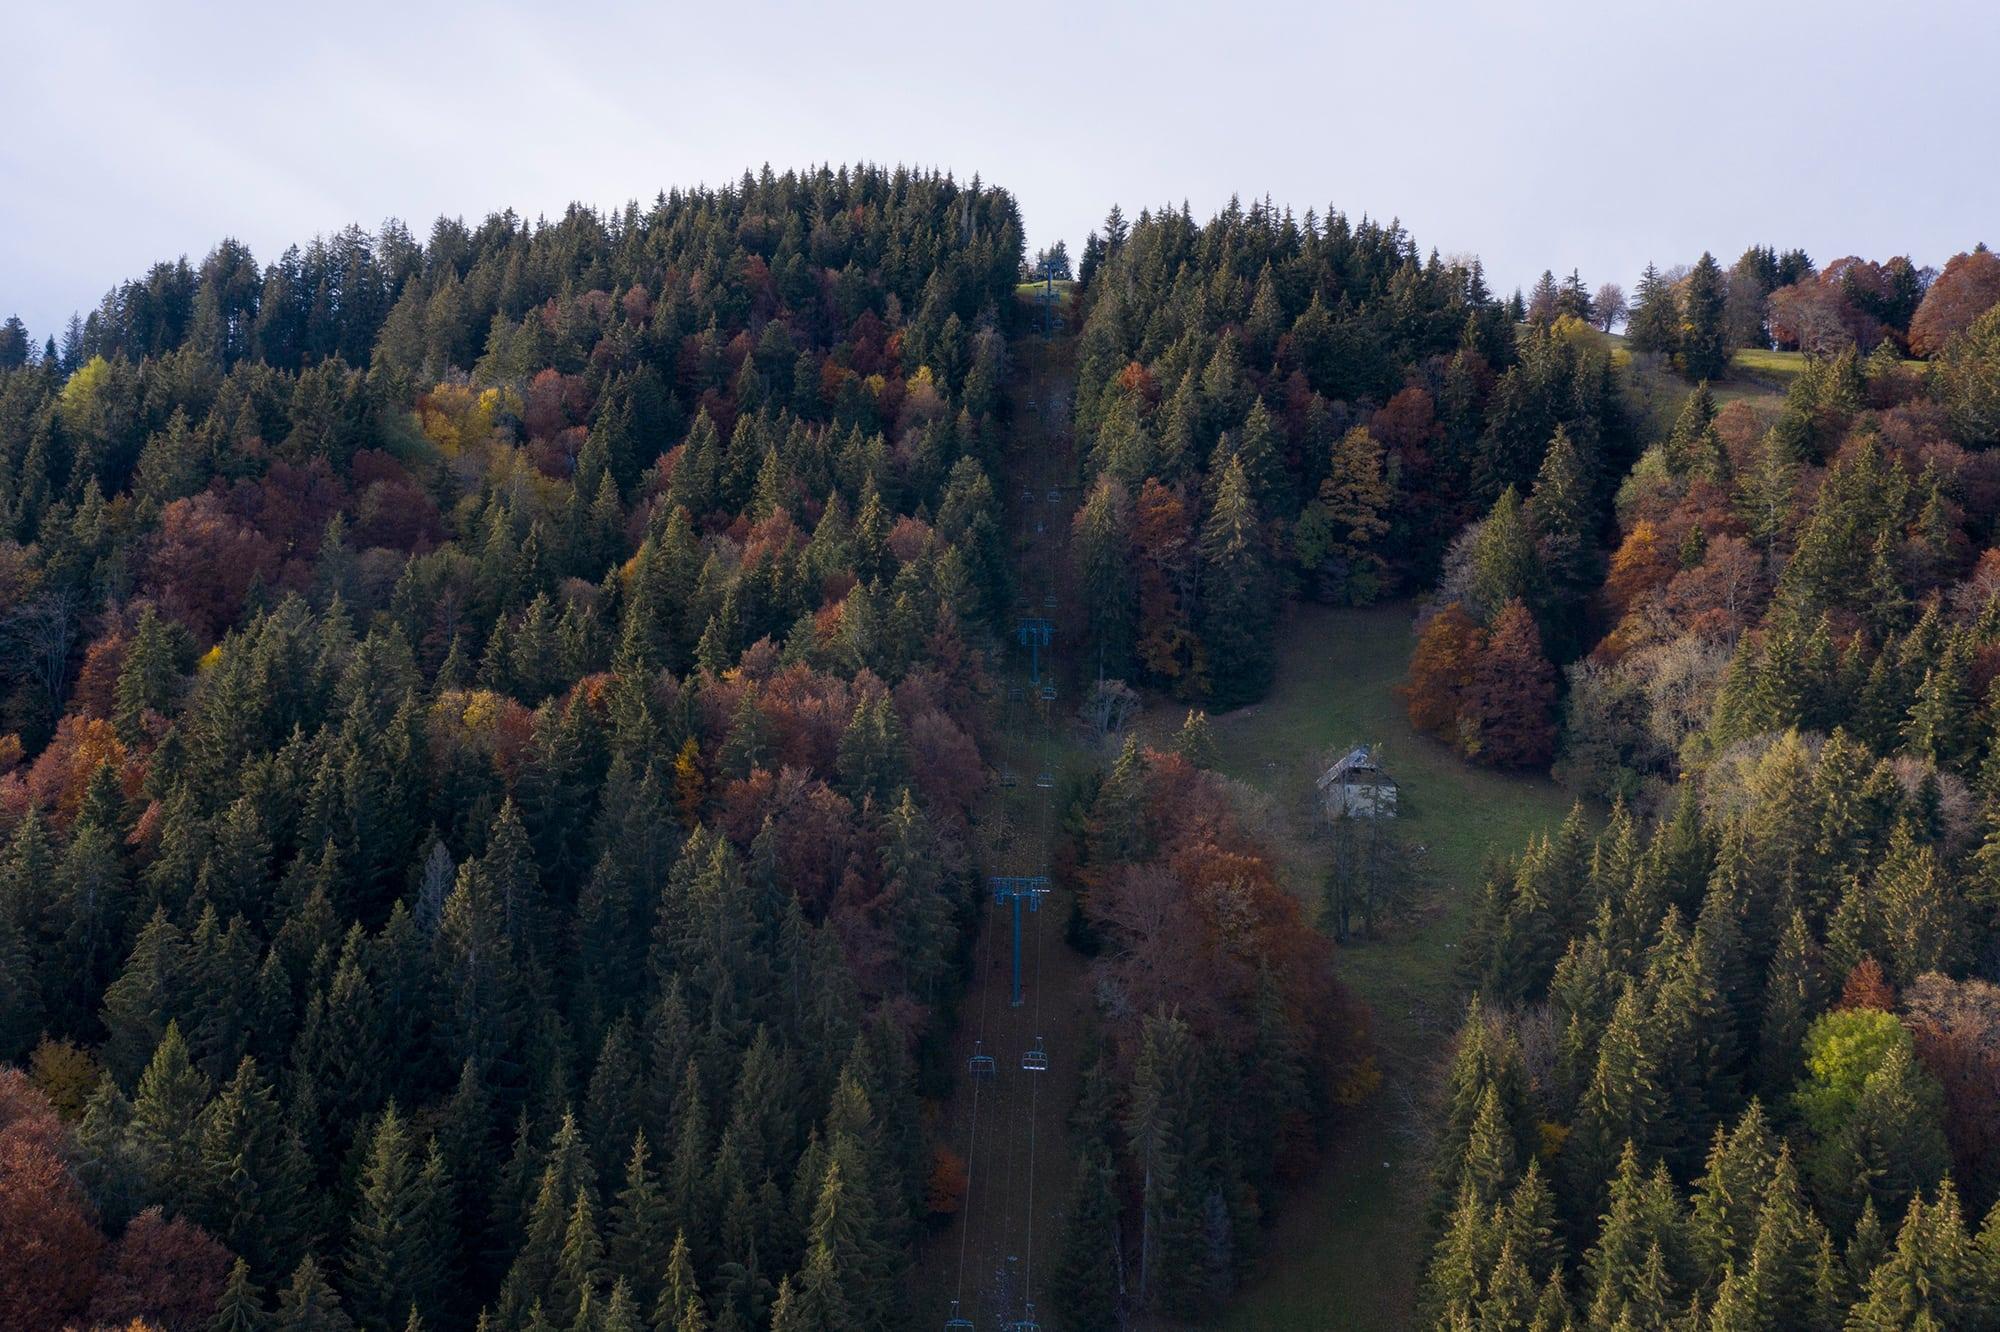 télésiège passant au milieu d'une forêt